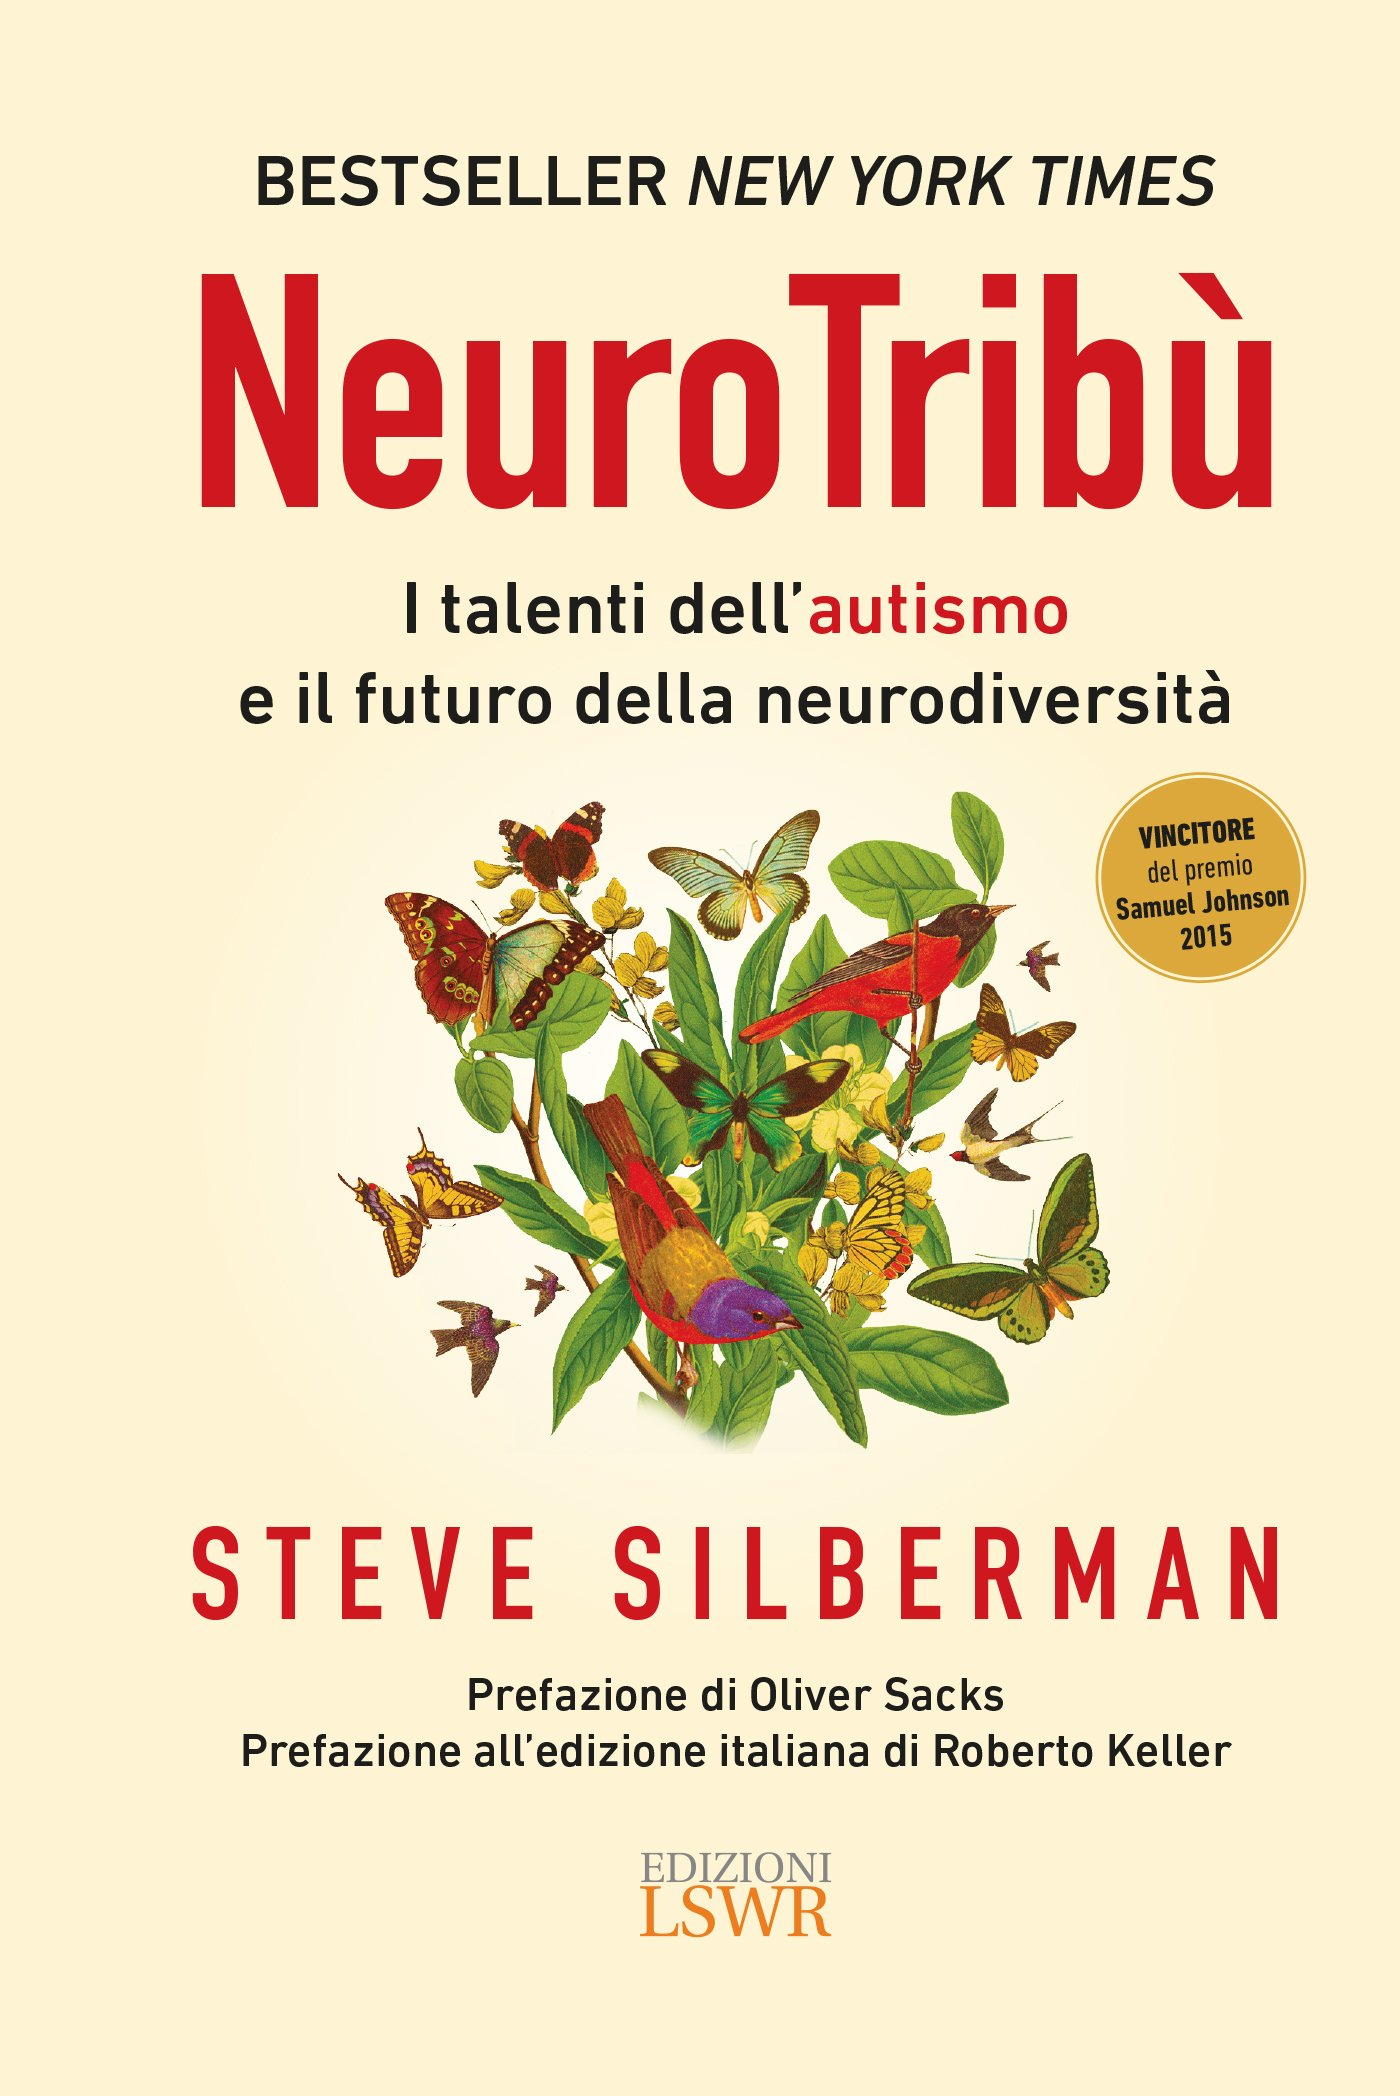 NeuroTribù. I talenti dell'autismo e il futuro della neurodiversità Copertina rigida – 25 ott 2016 Steve Silberman Edizioni LSWR 8868953609 Psicologia: opere divulgative